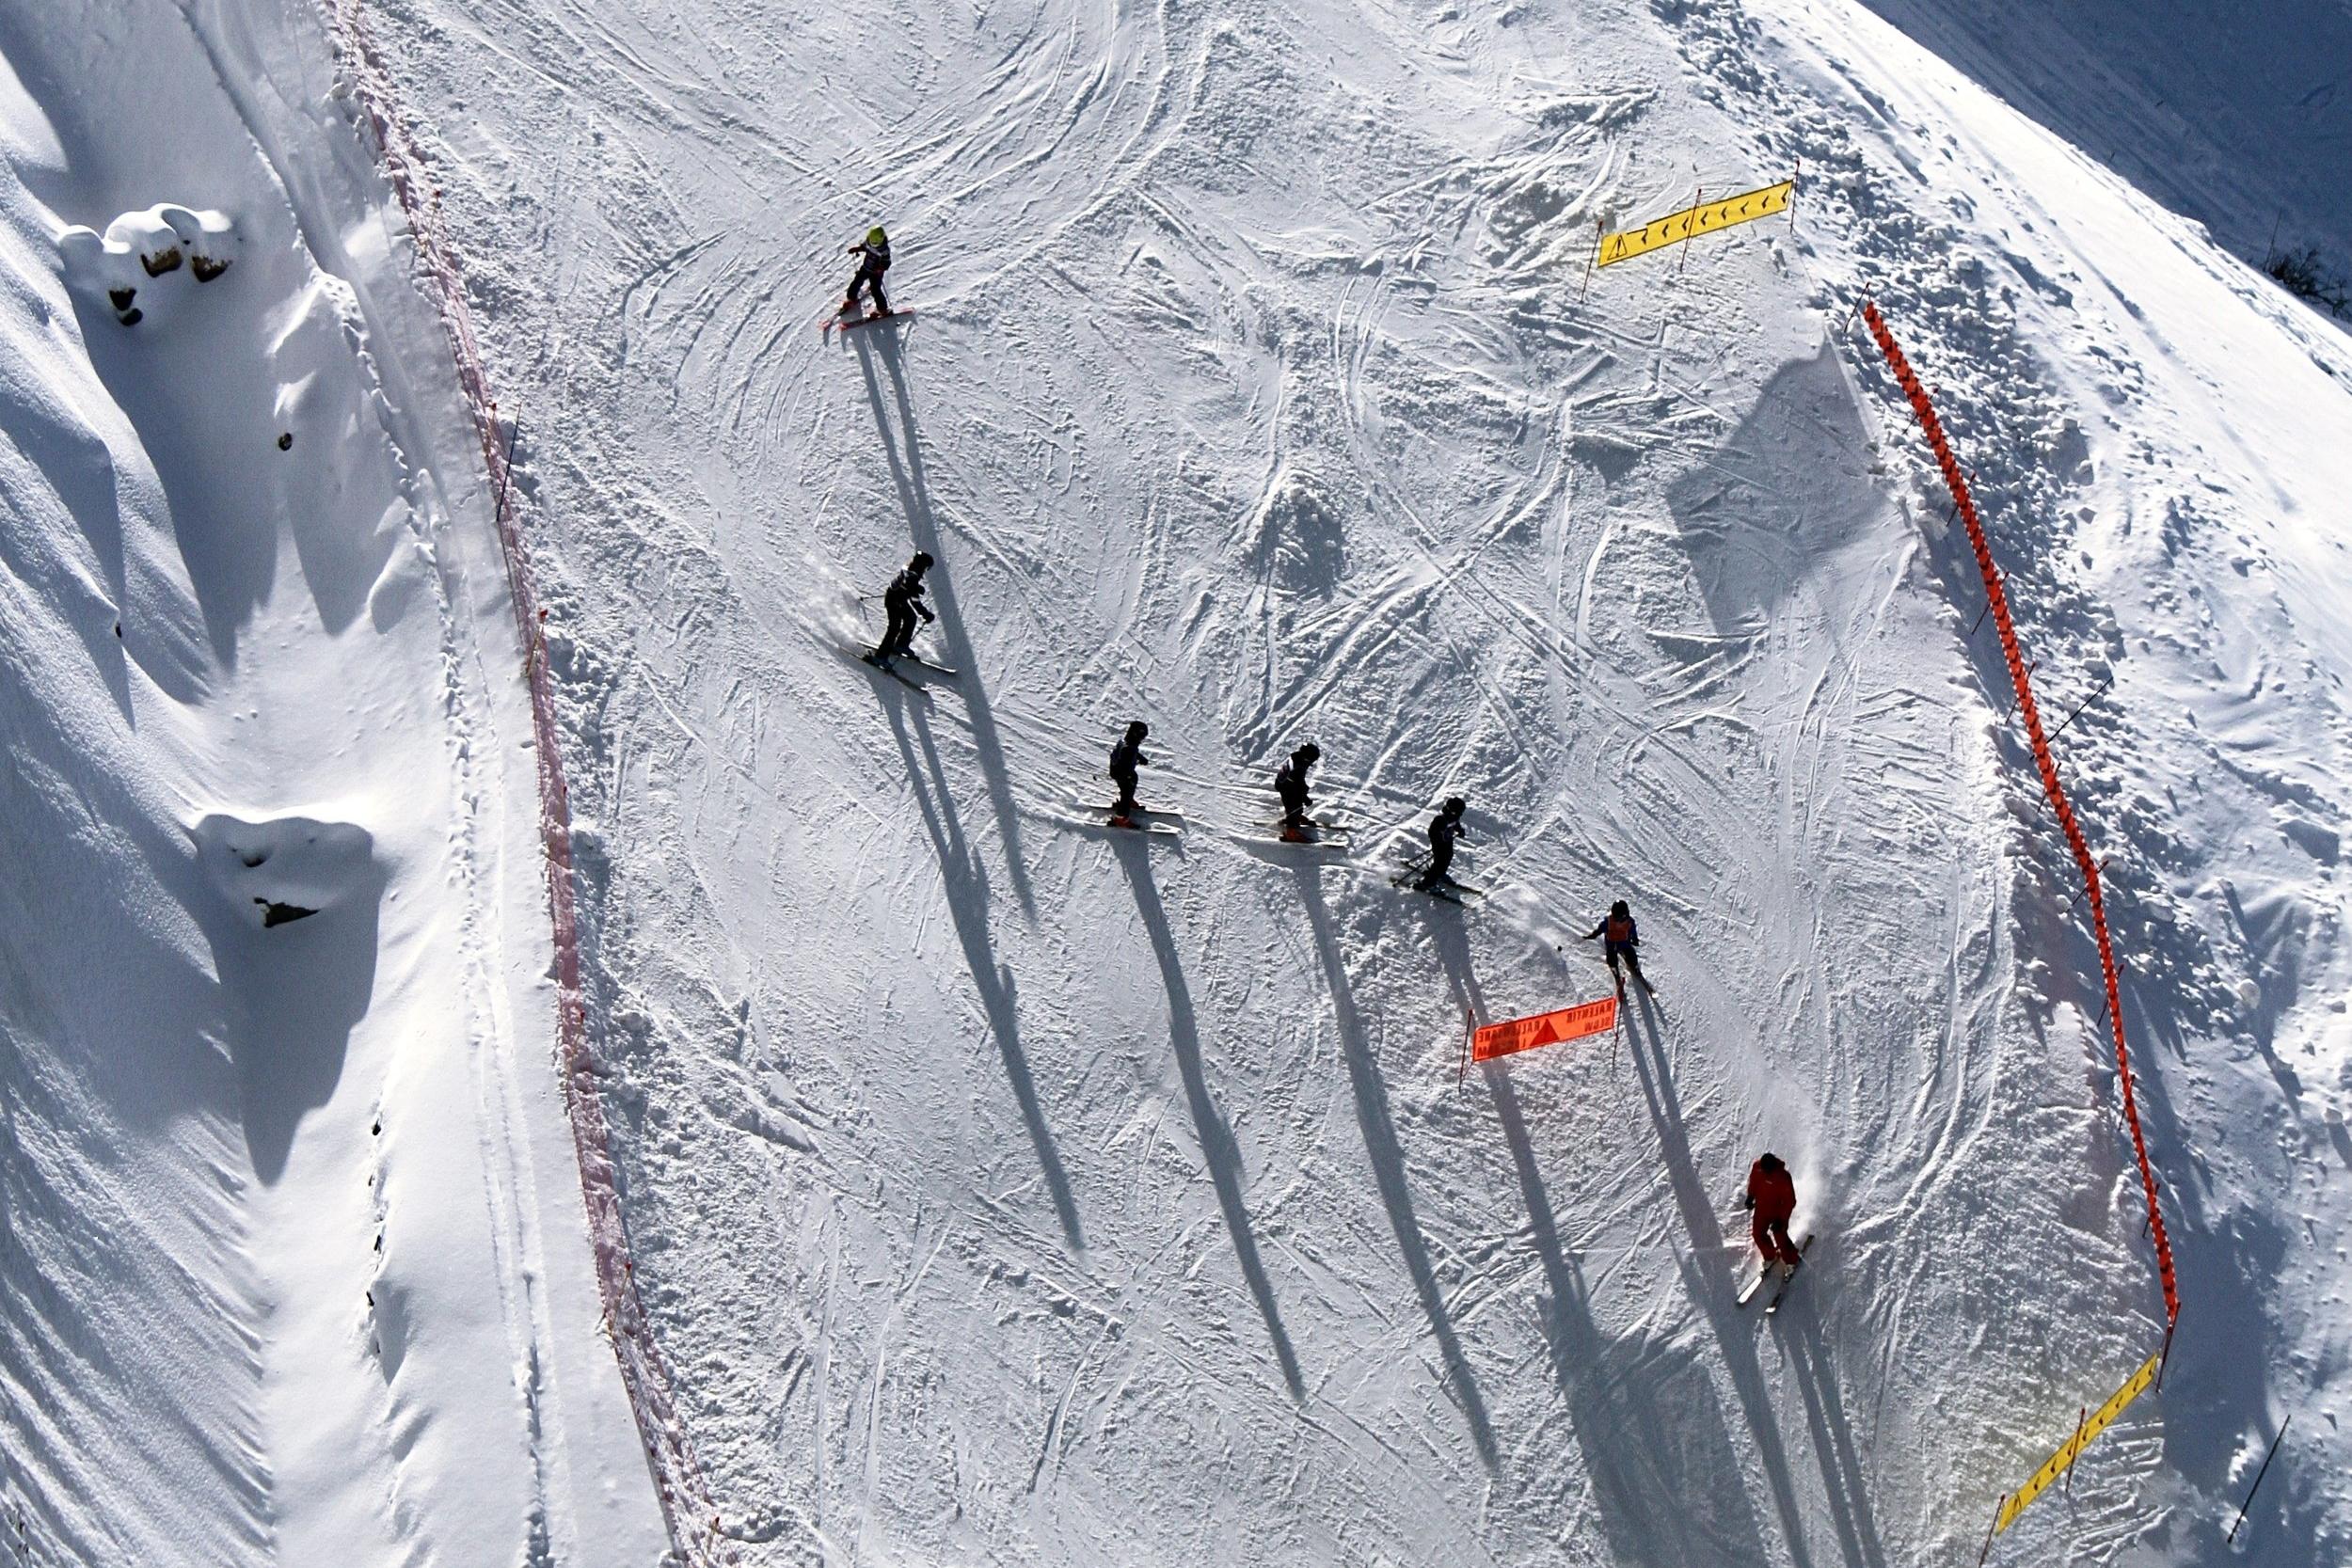 - 8:30h - Recogida del alquiler de material [opcional]9:30h - Primera bajada todos juntos.13:30h - Nos reunimos en el snow park, para probar cada uno a su nivel.17:00h - Aprés ski. Otra cos no, pero en el sur saben divertirse.22:00h - Fiesta. Nos reunimos todos en una disco para comentar la jugada y desconectar un poco.